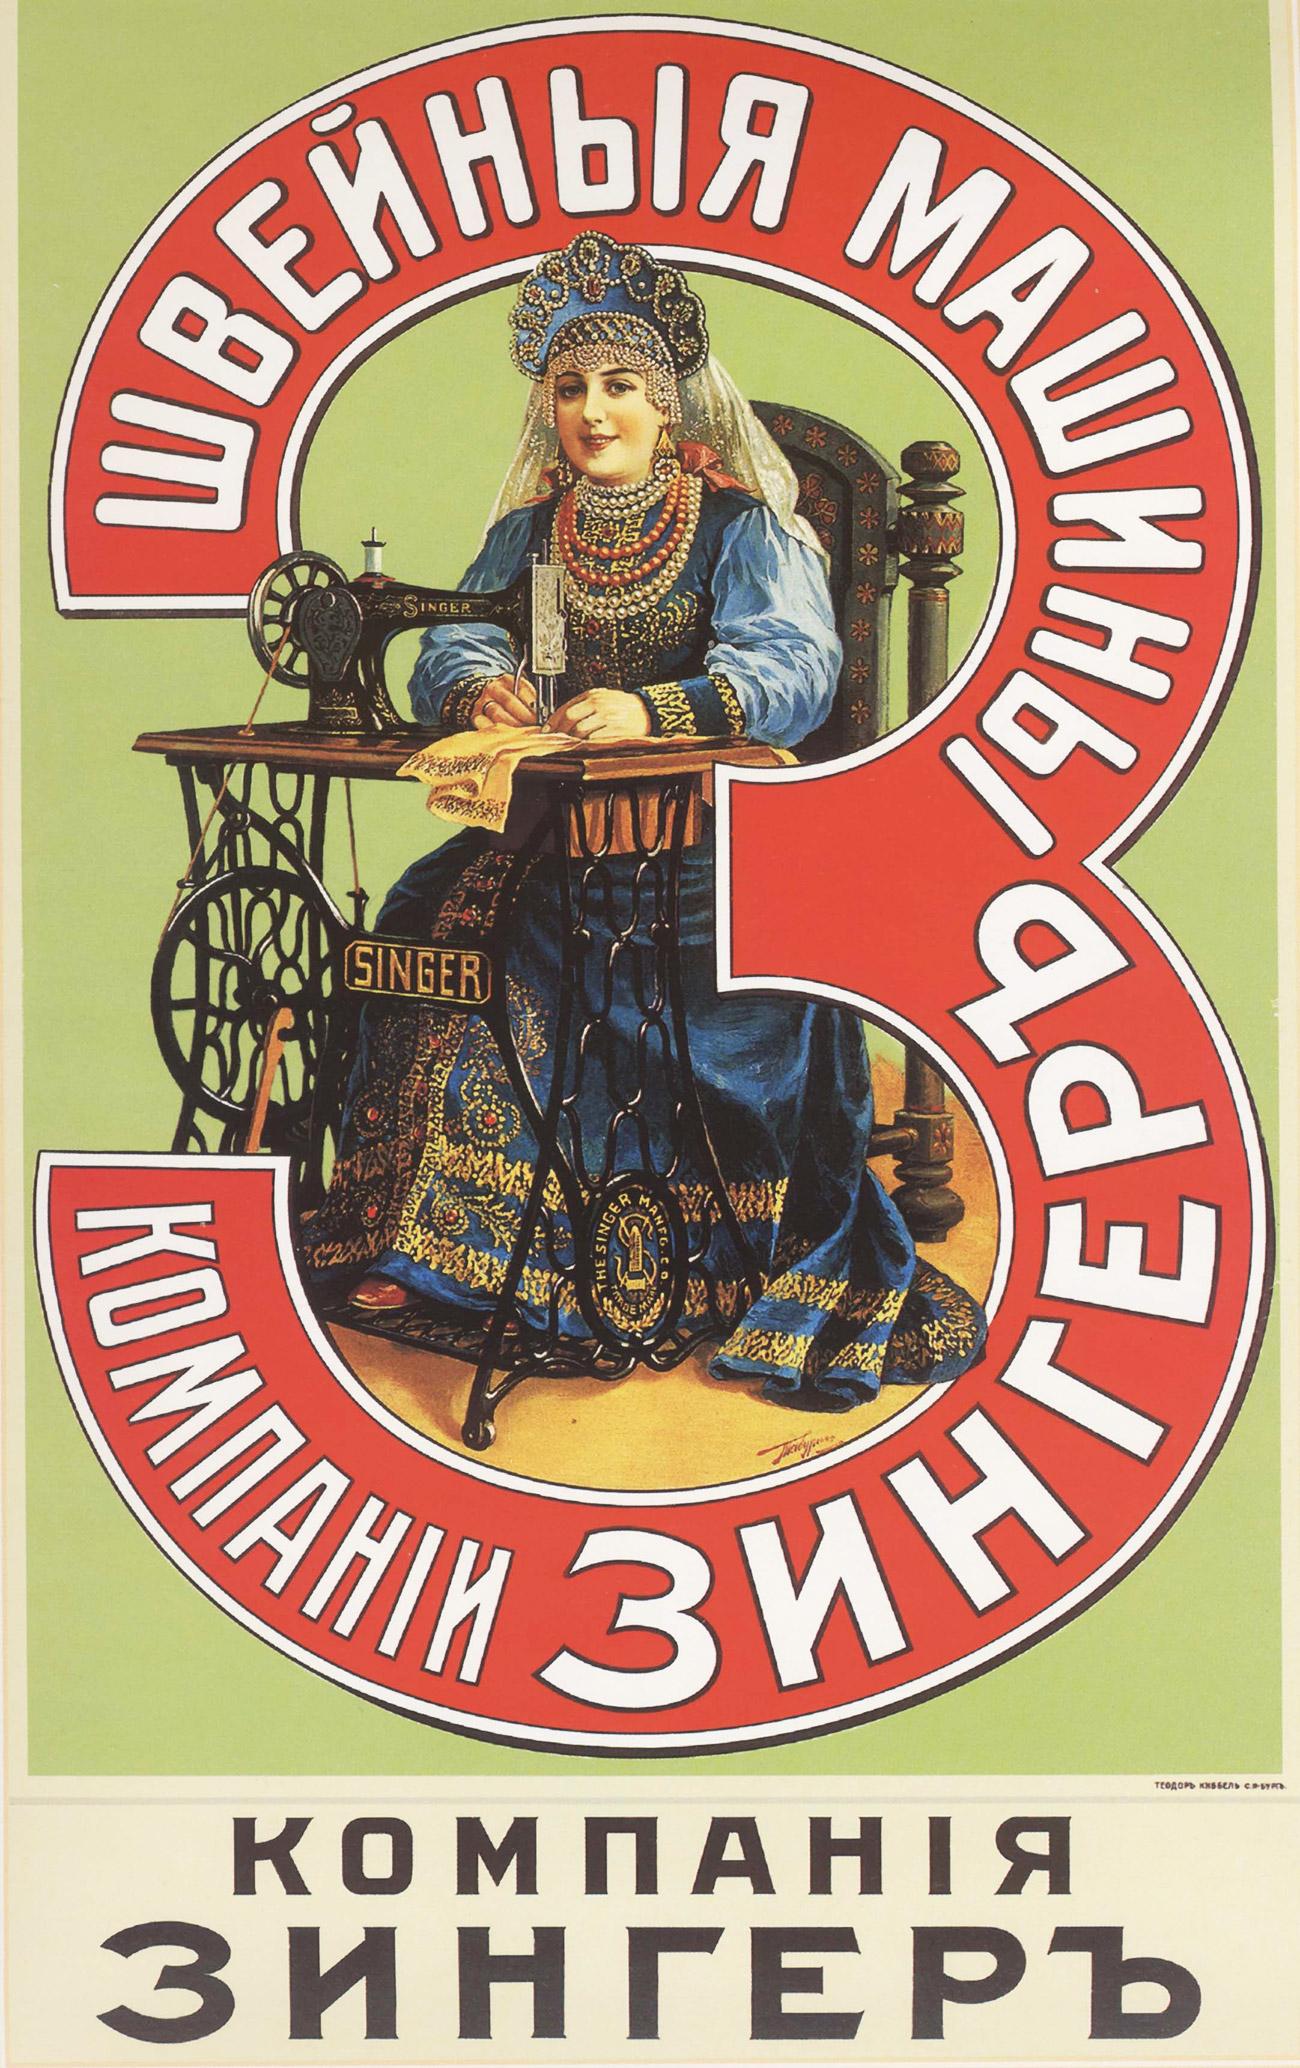 Anuncio de máquinas de coser de la compañía Singer, principios del siglo XX. Fuente: Biblioteca Estatal Rusa